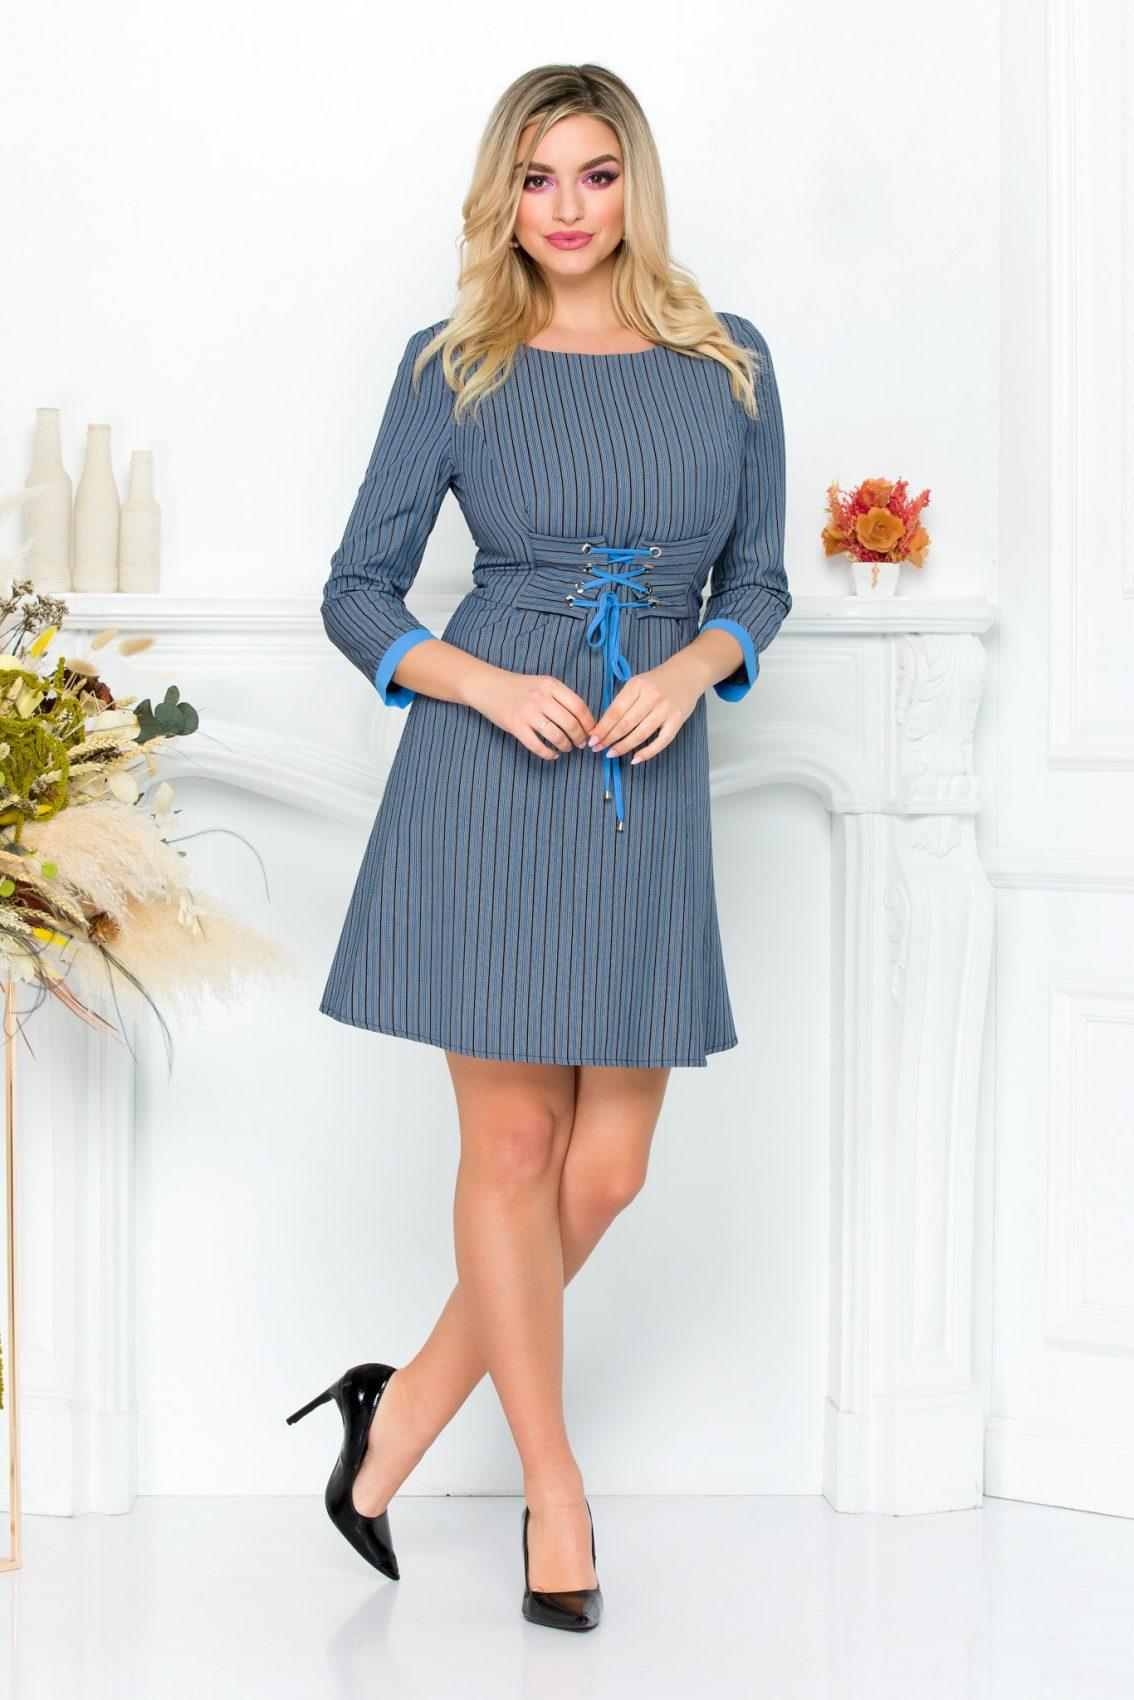 Μπλε Ριγέ Φόρεμα Noa 9312 2